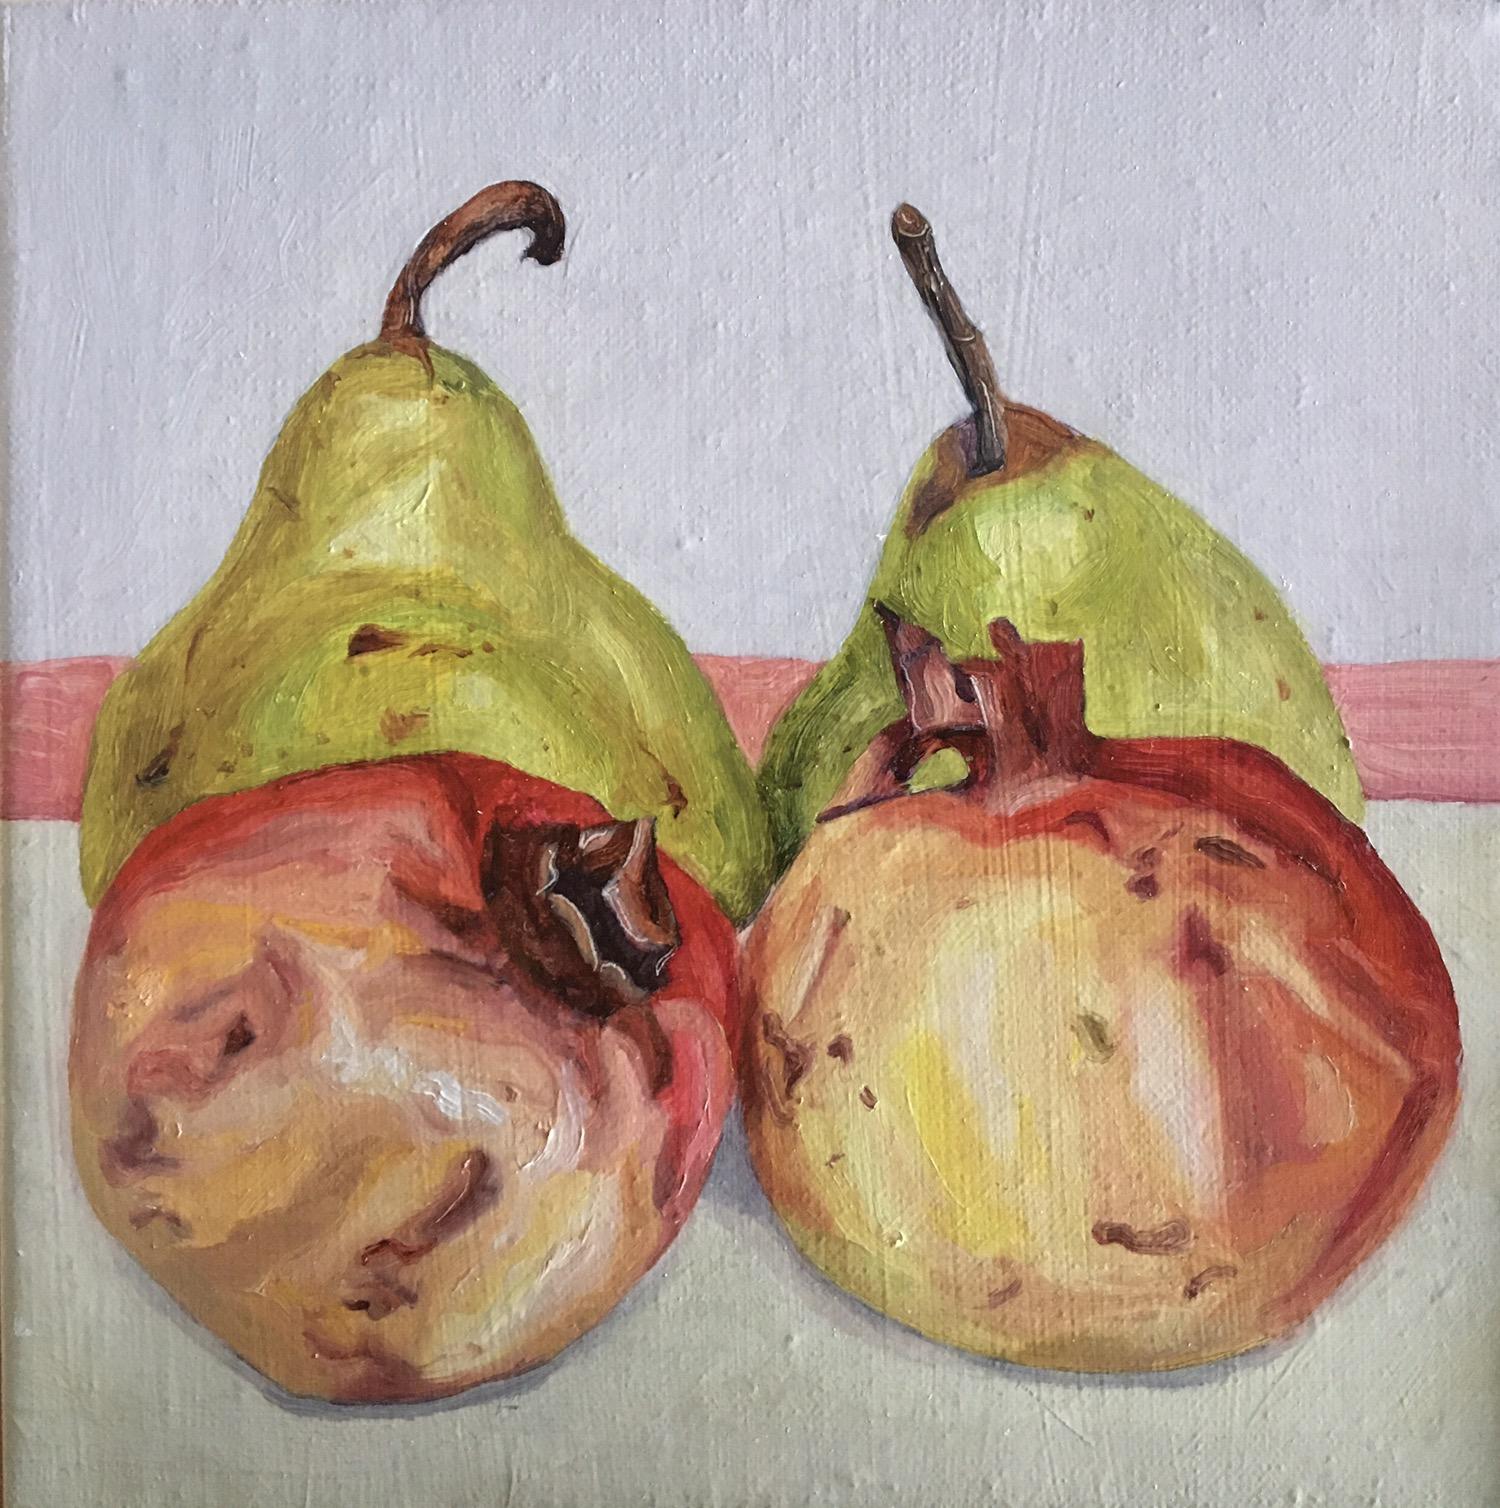 013, 석류와 배, 20 x 20 cm, oil on canvas, 2